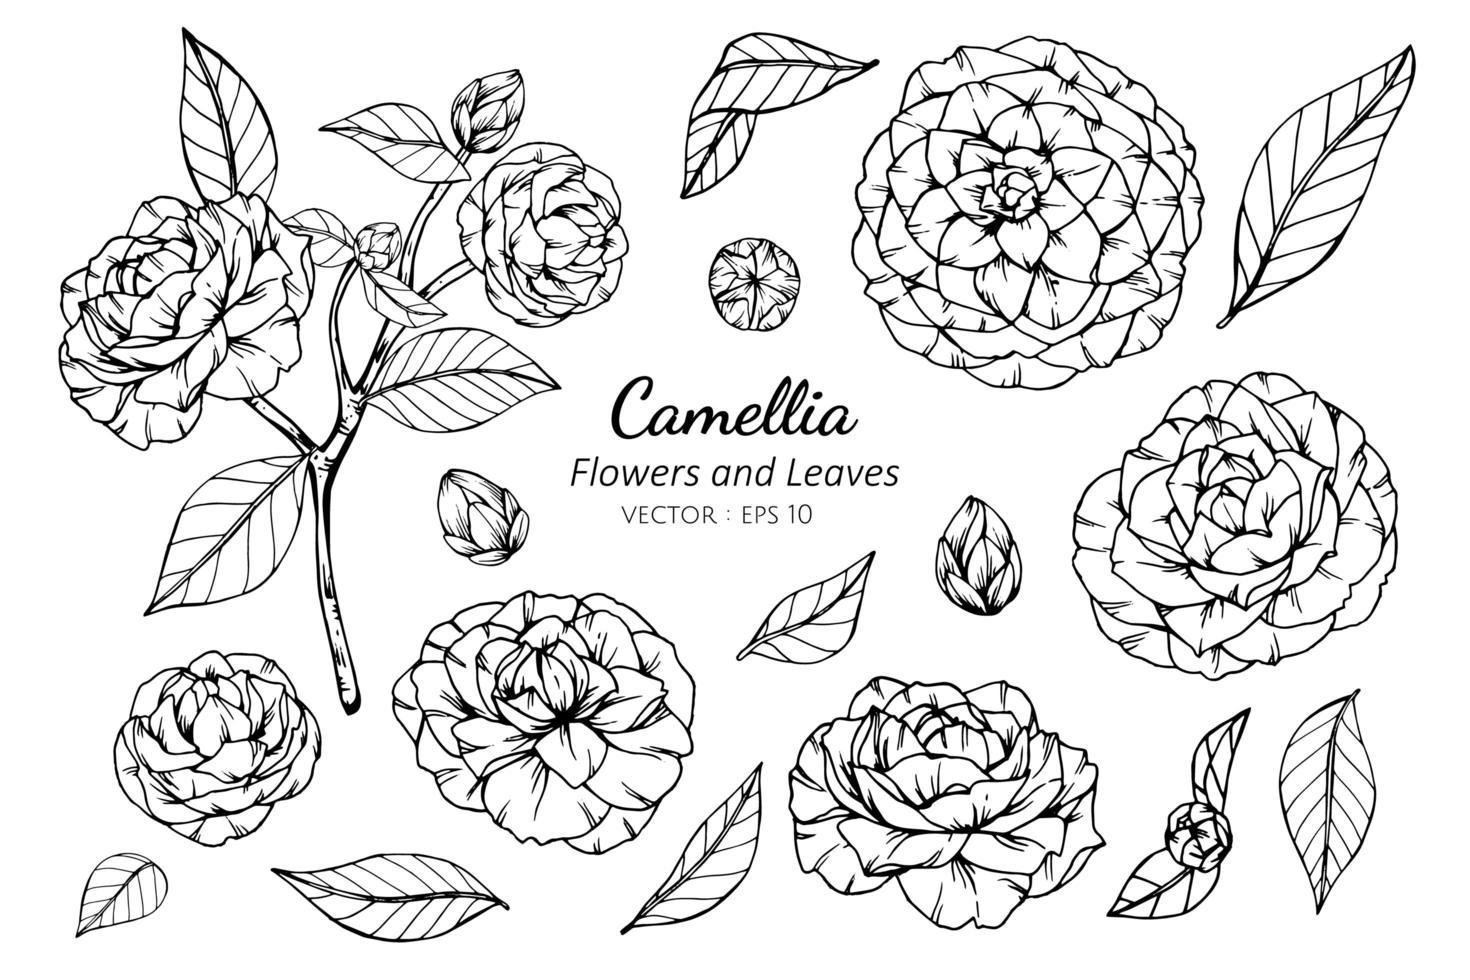 colección de flores y hojas de camelia vector